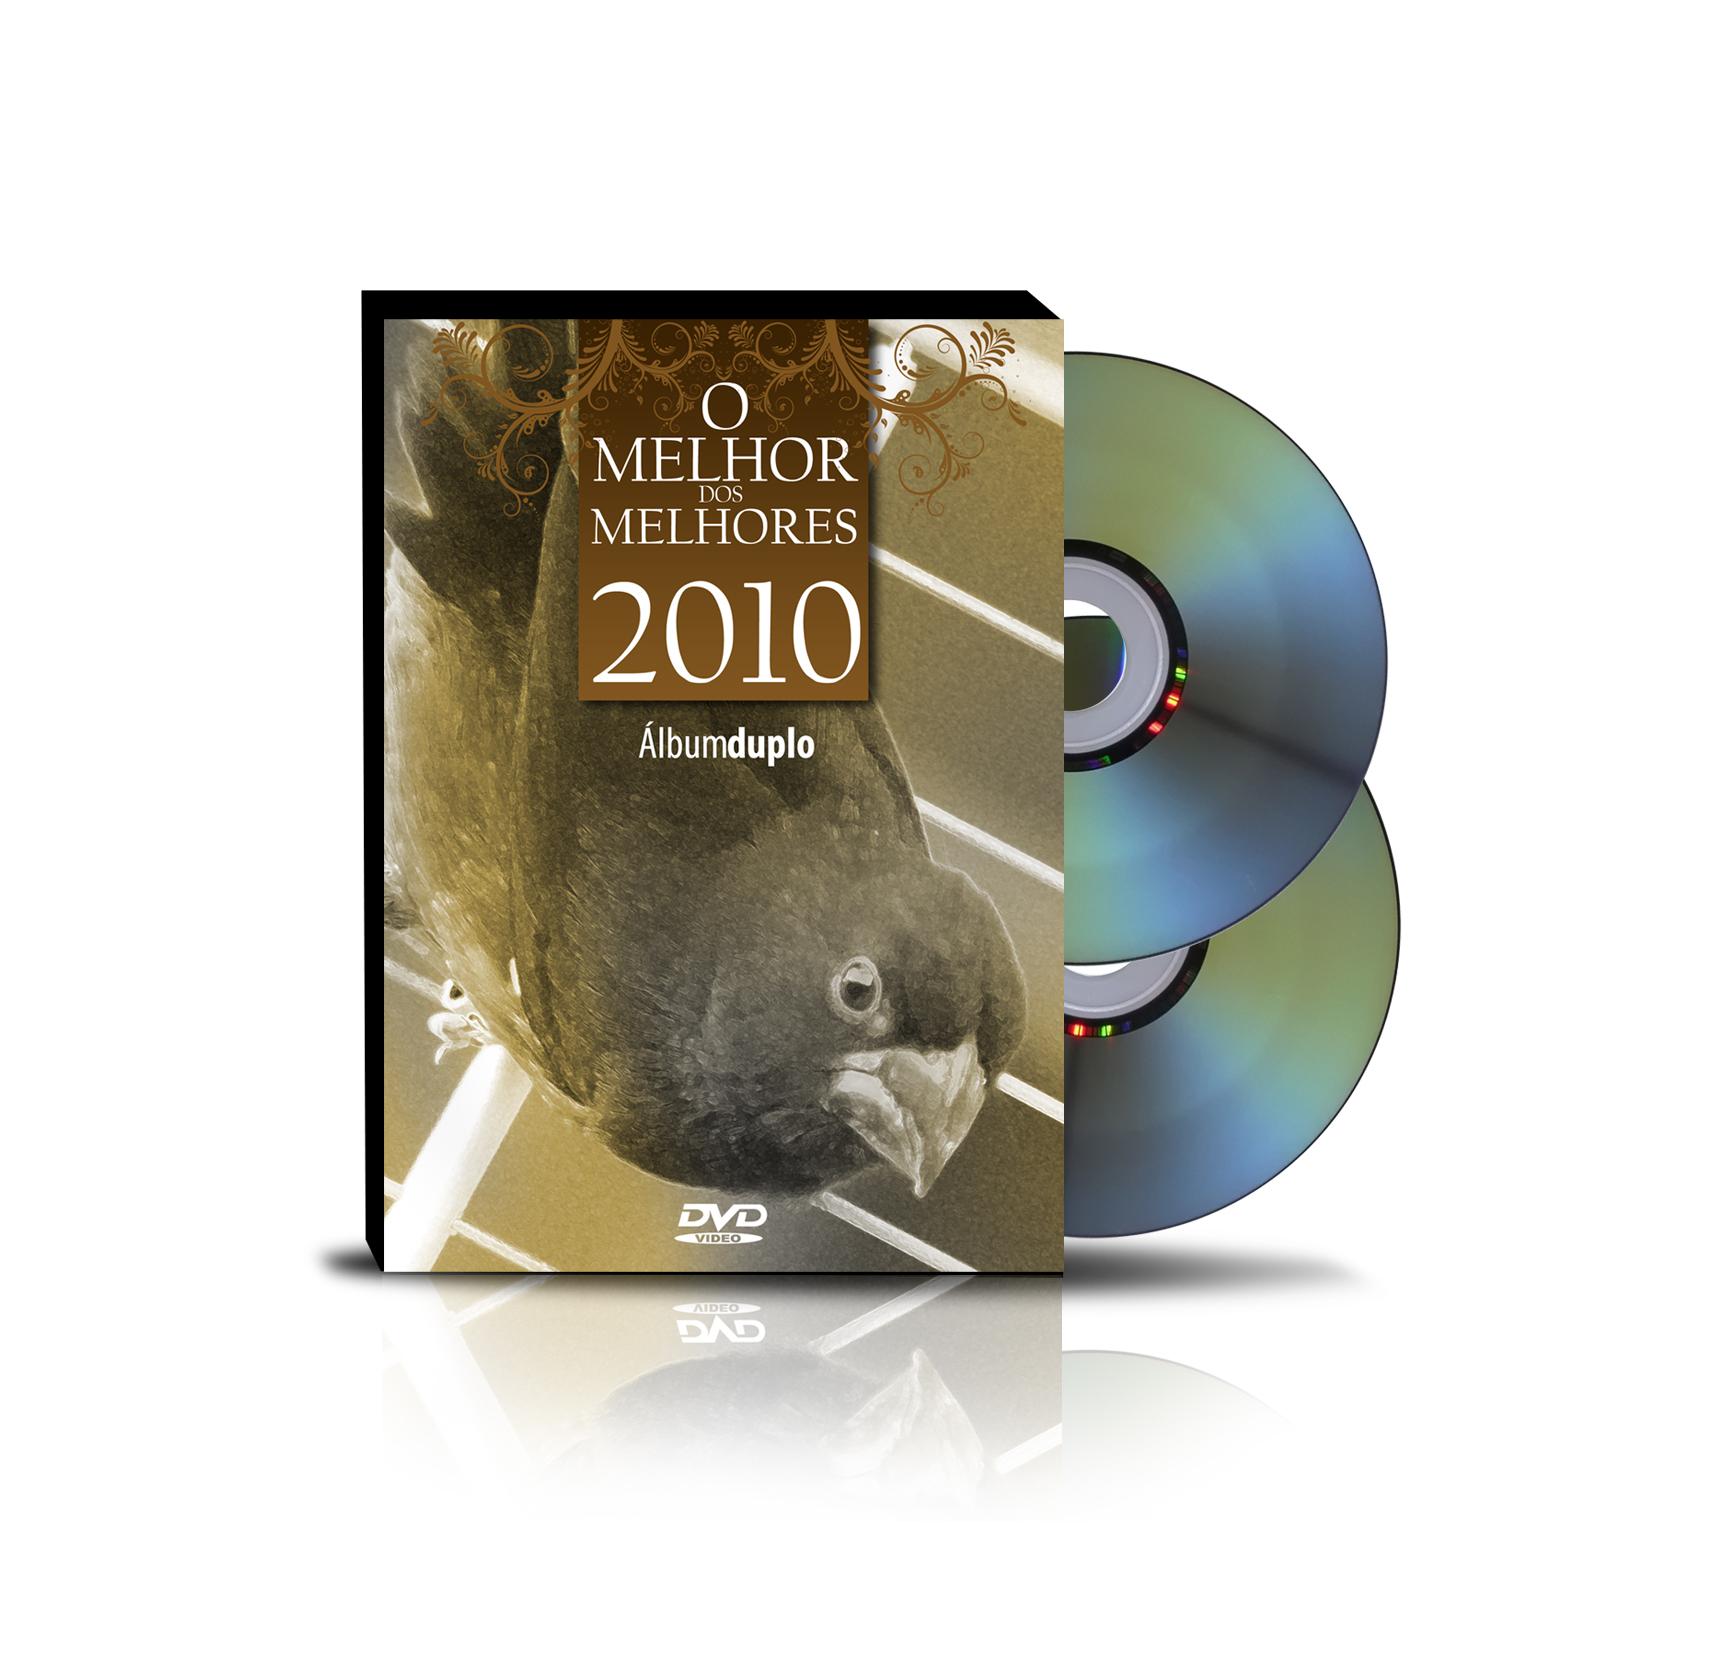 DVD - Curió - O melhor dos melhores 2010